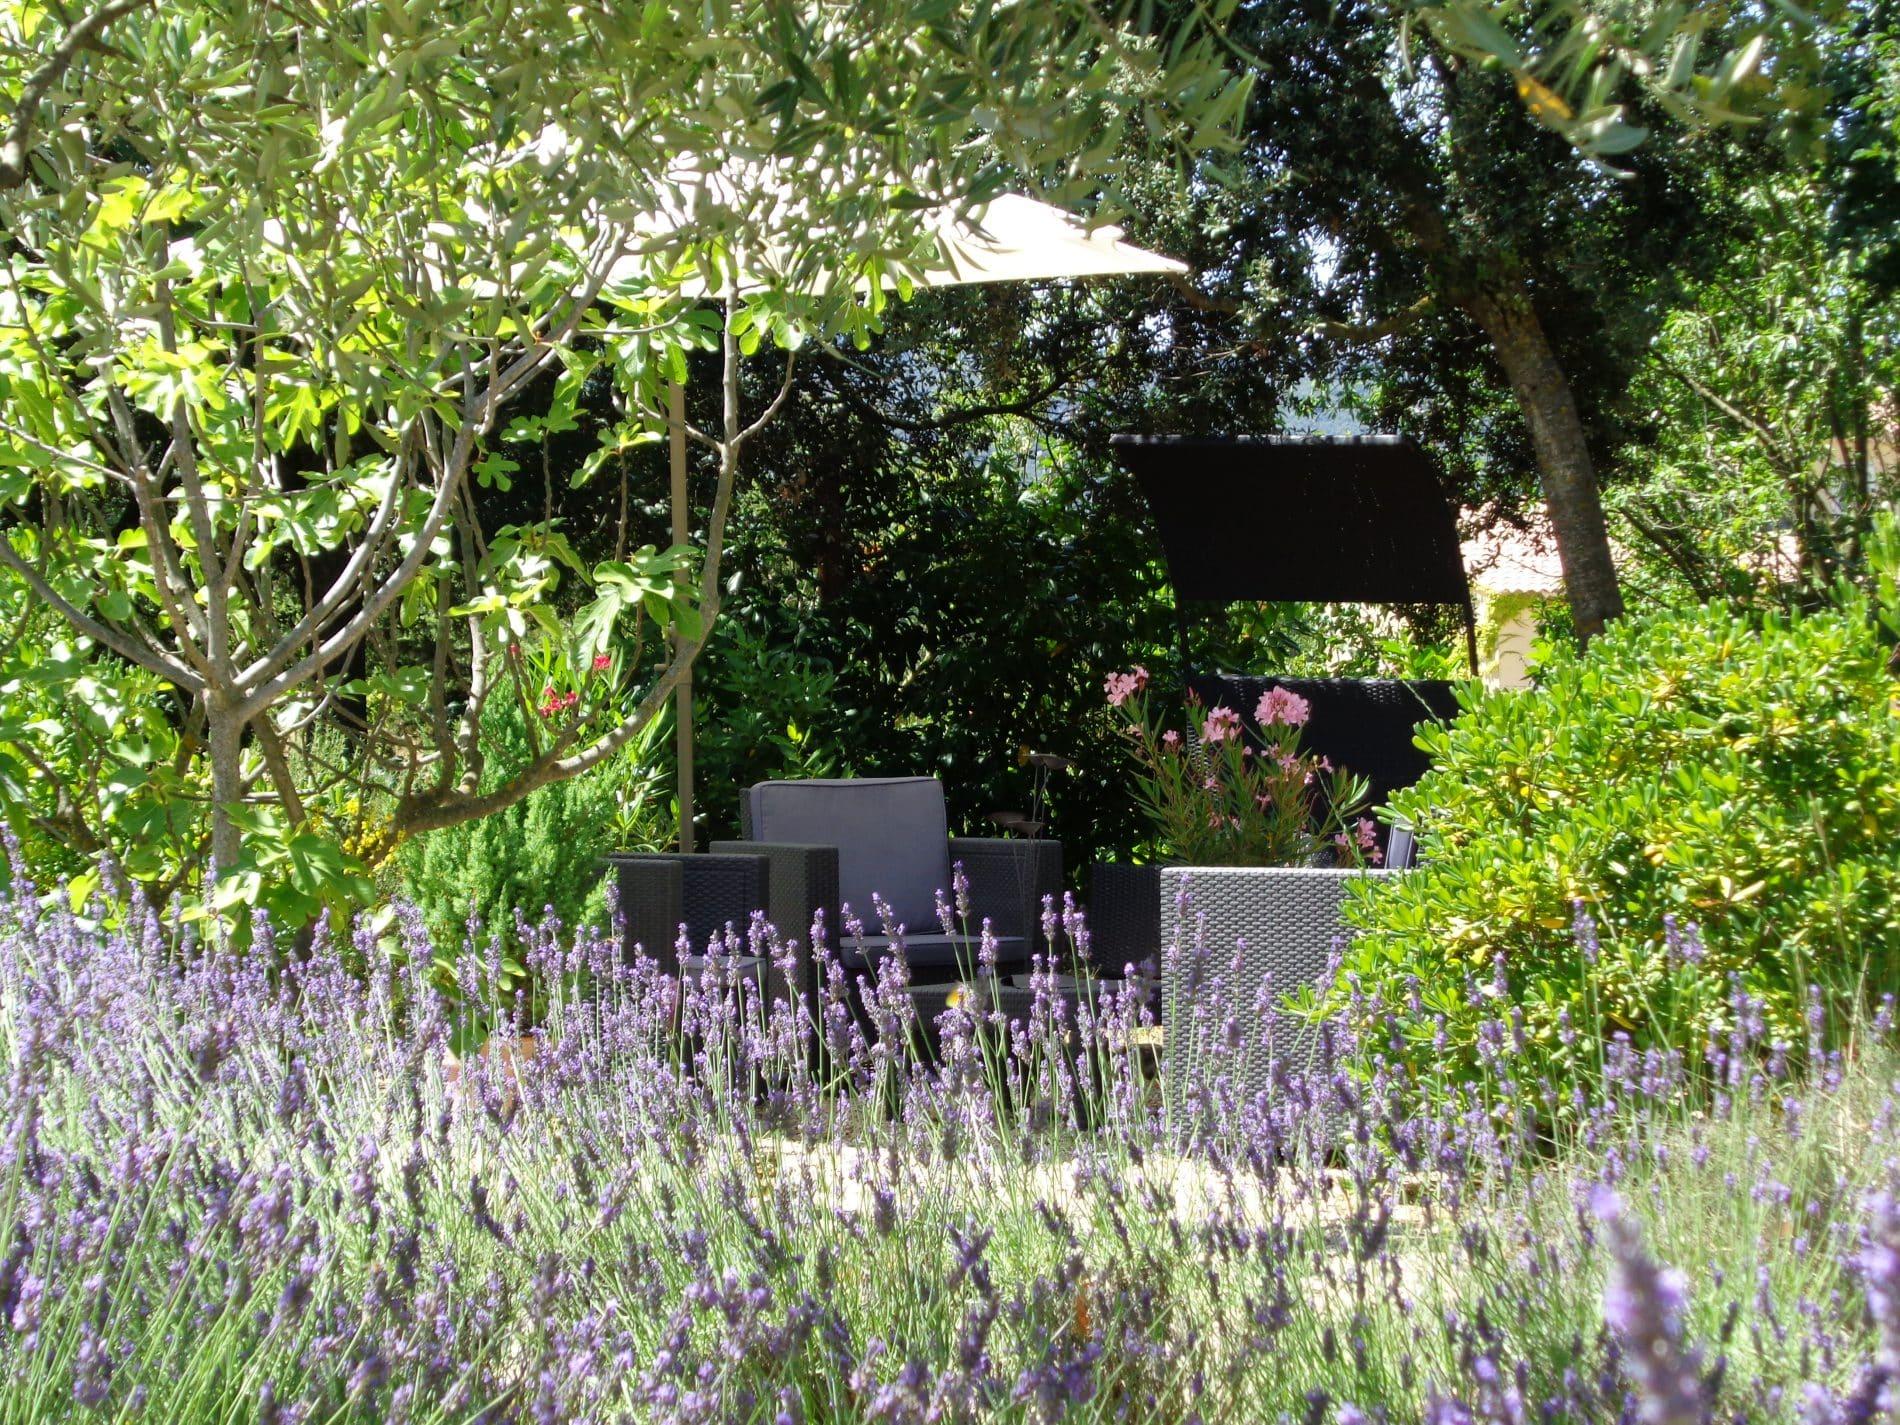 Le jardin constitue un espace de détente et de sérénité